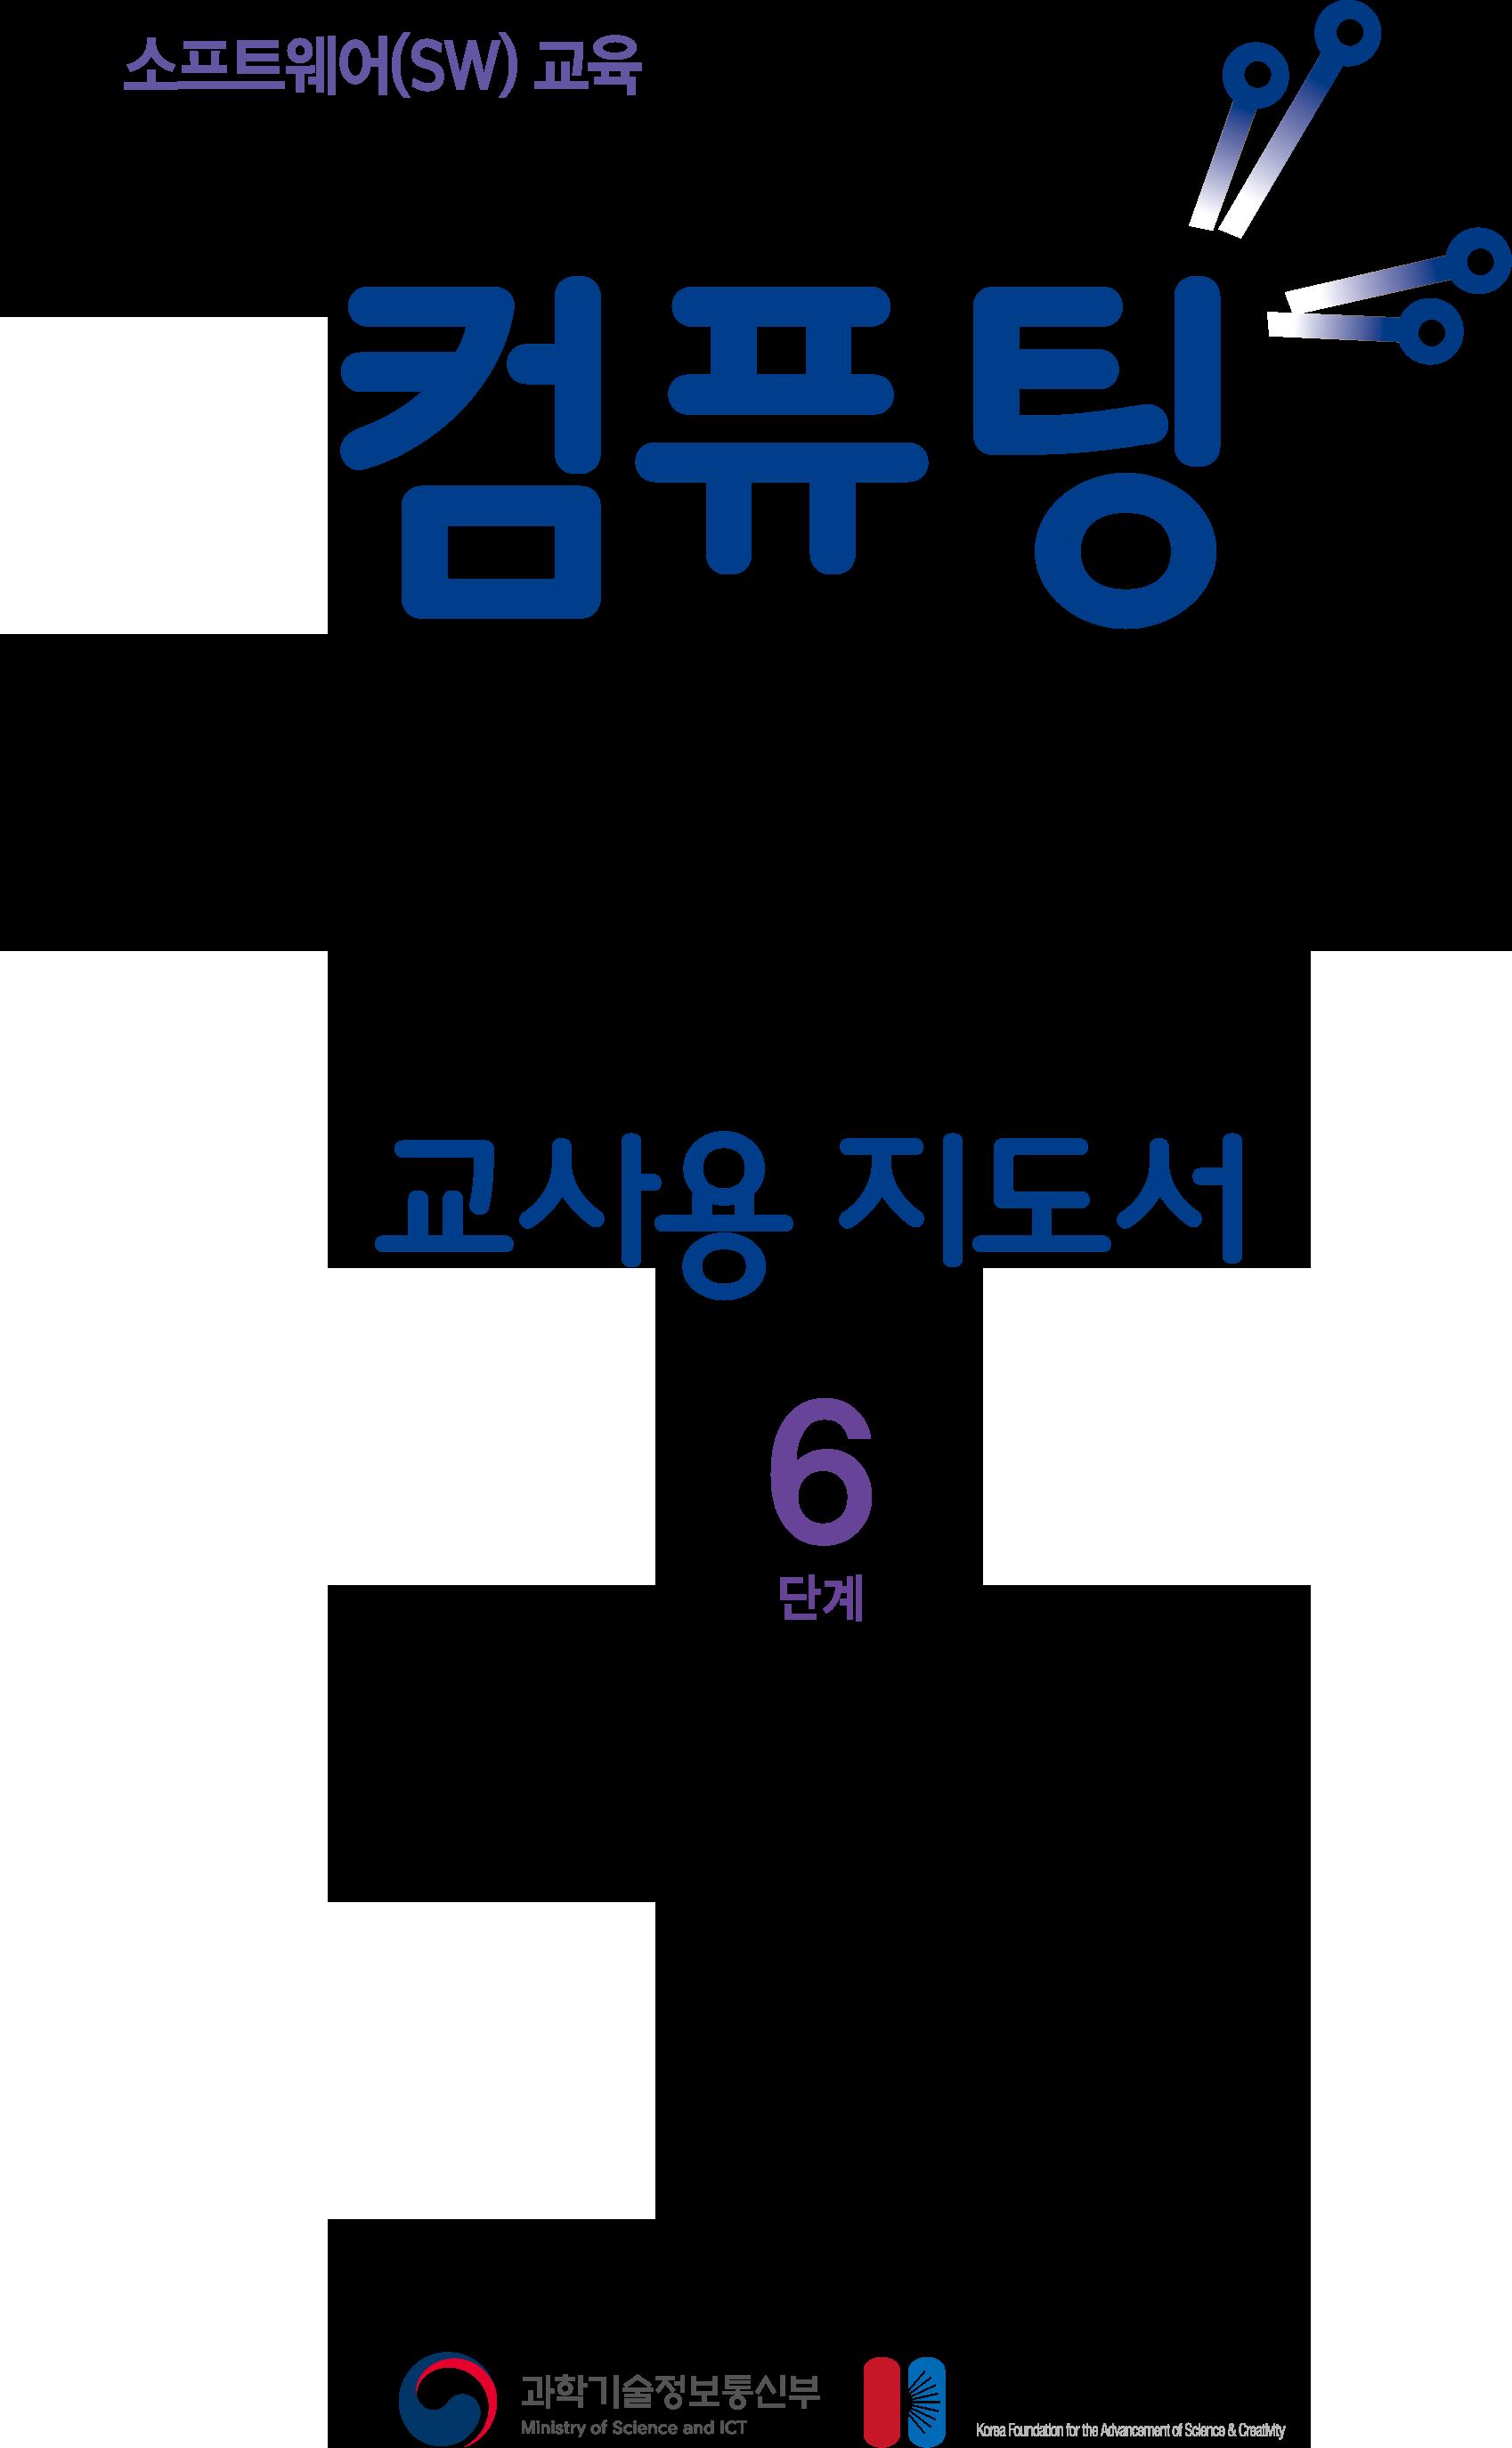 컴퓨팅-기초-다지기-6단계